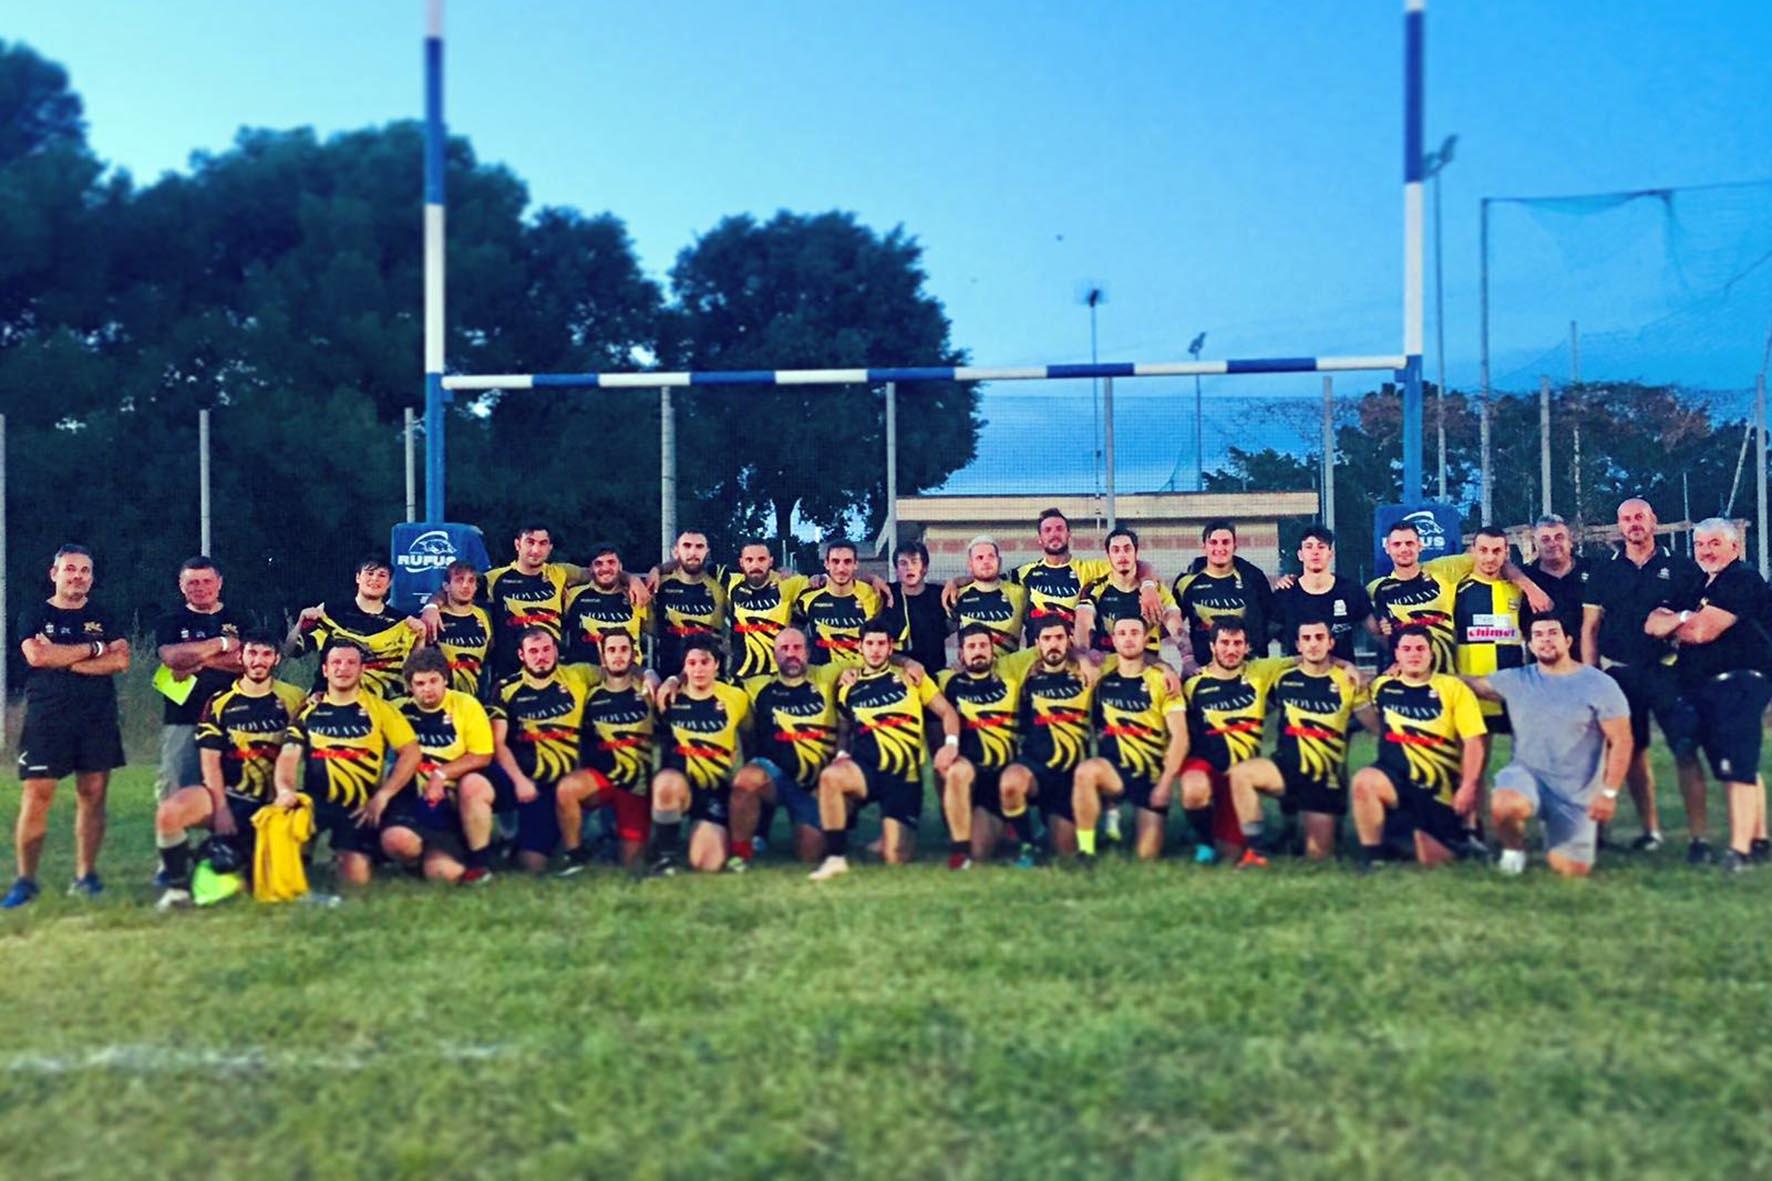 Union Rugby Arezzo - Foto di squadra 2019-2020 (1) (002)